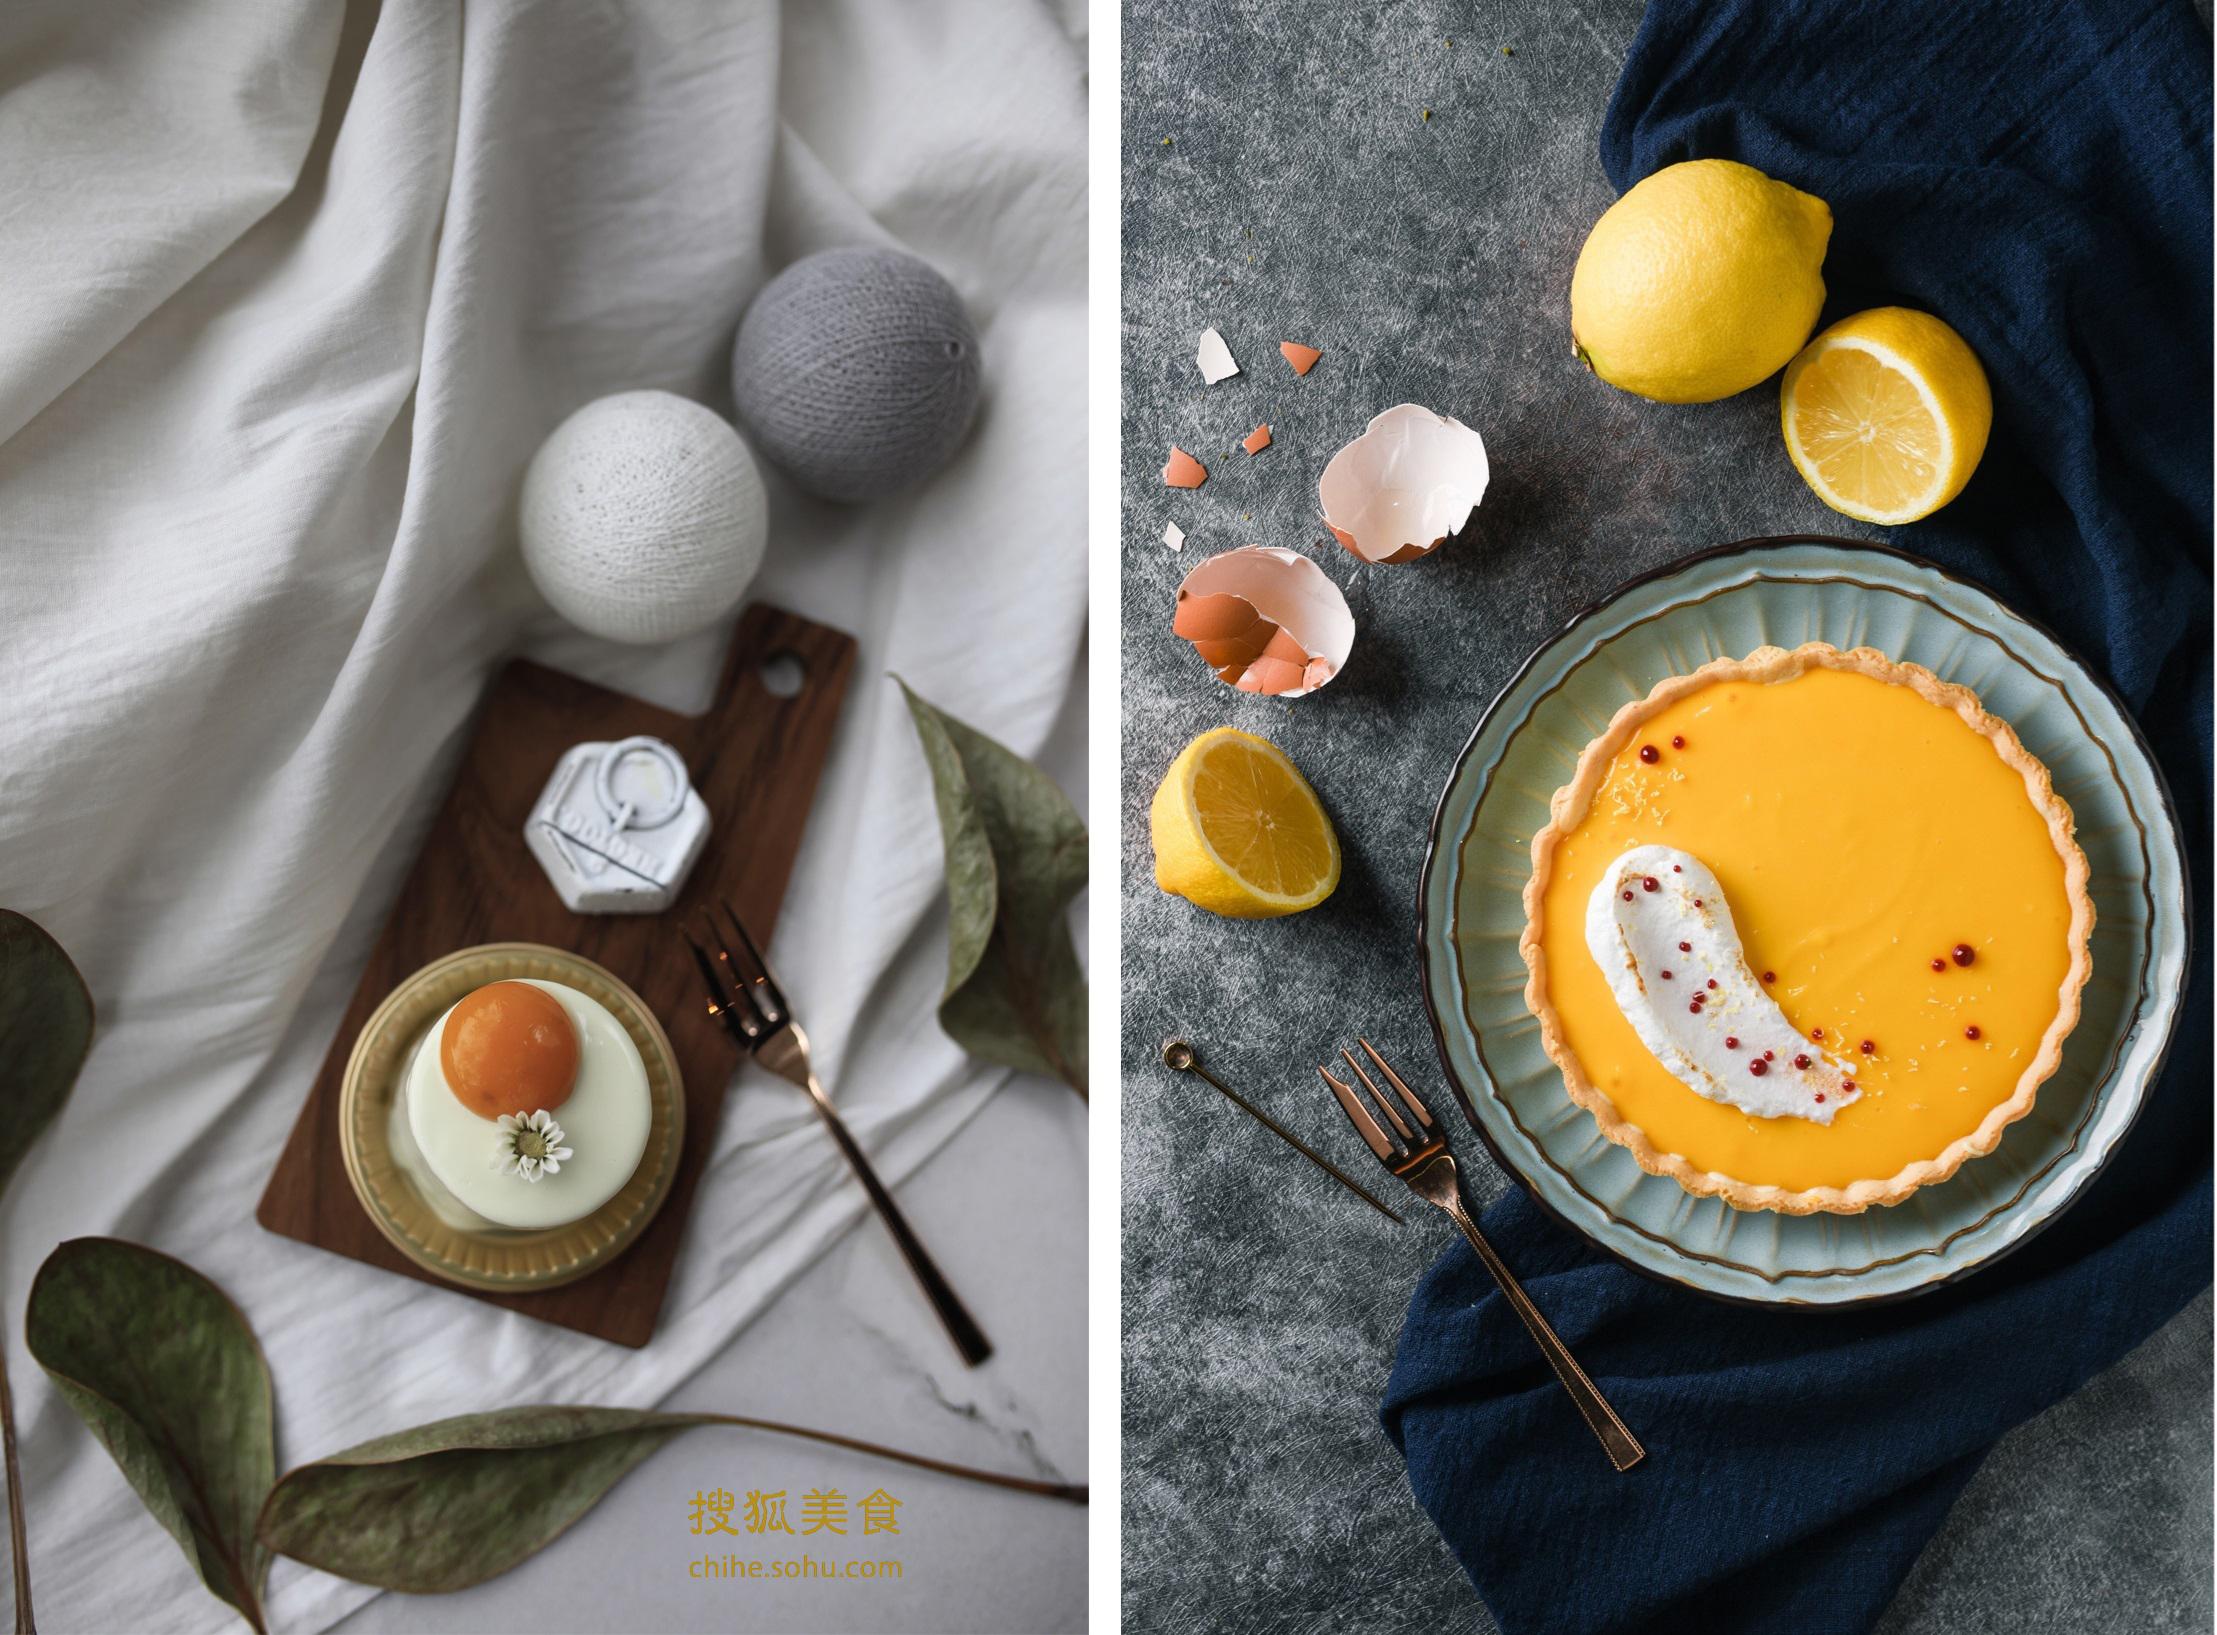 将各种东西方优选食材原本的自然香气用来提升甜点的图片